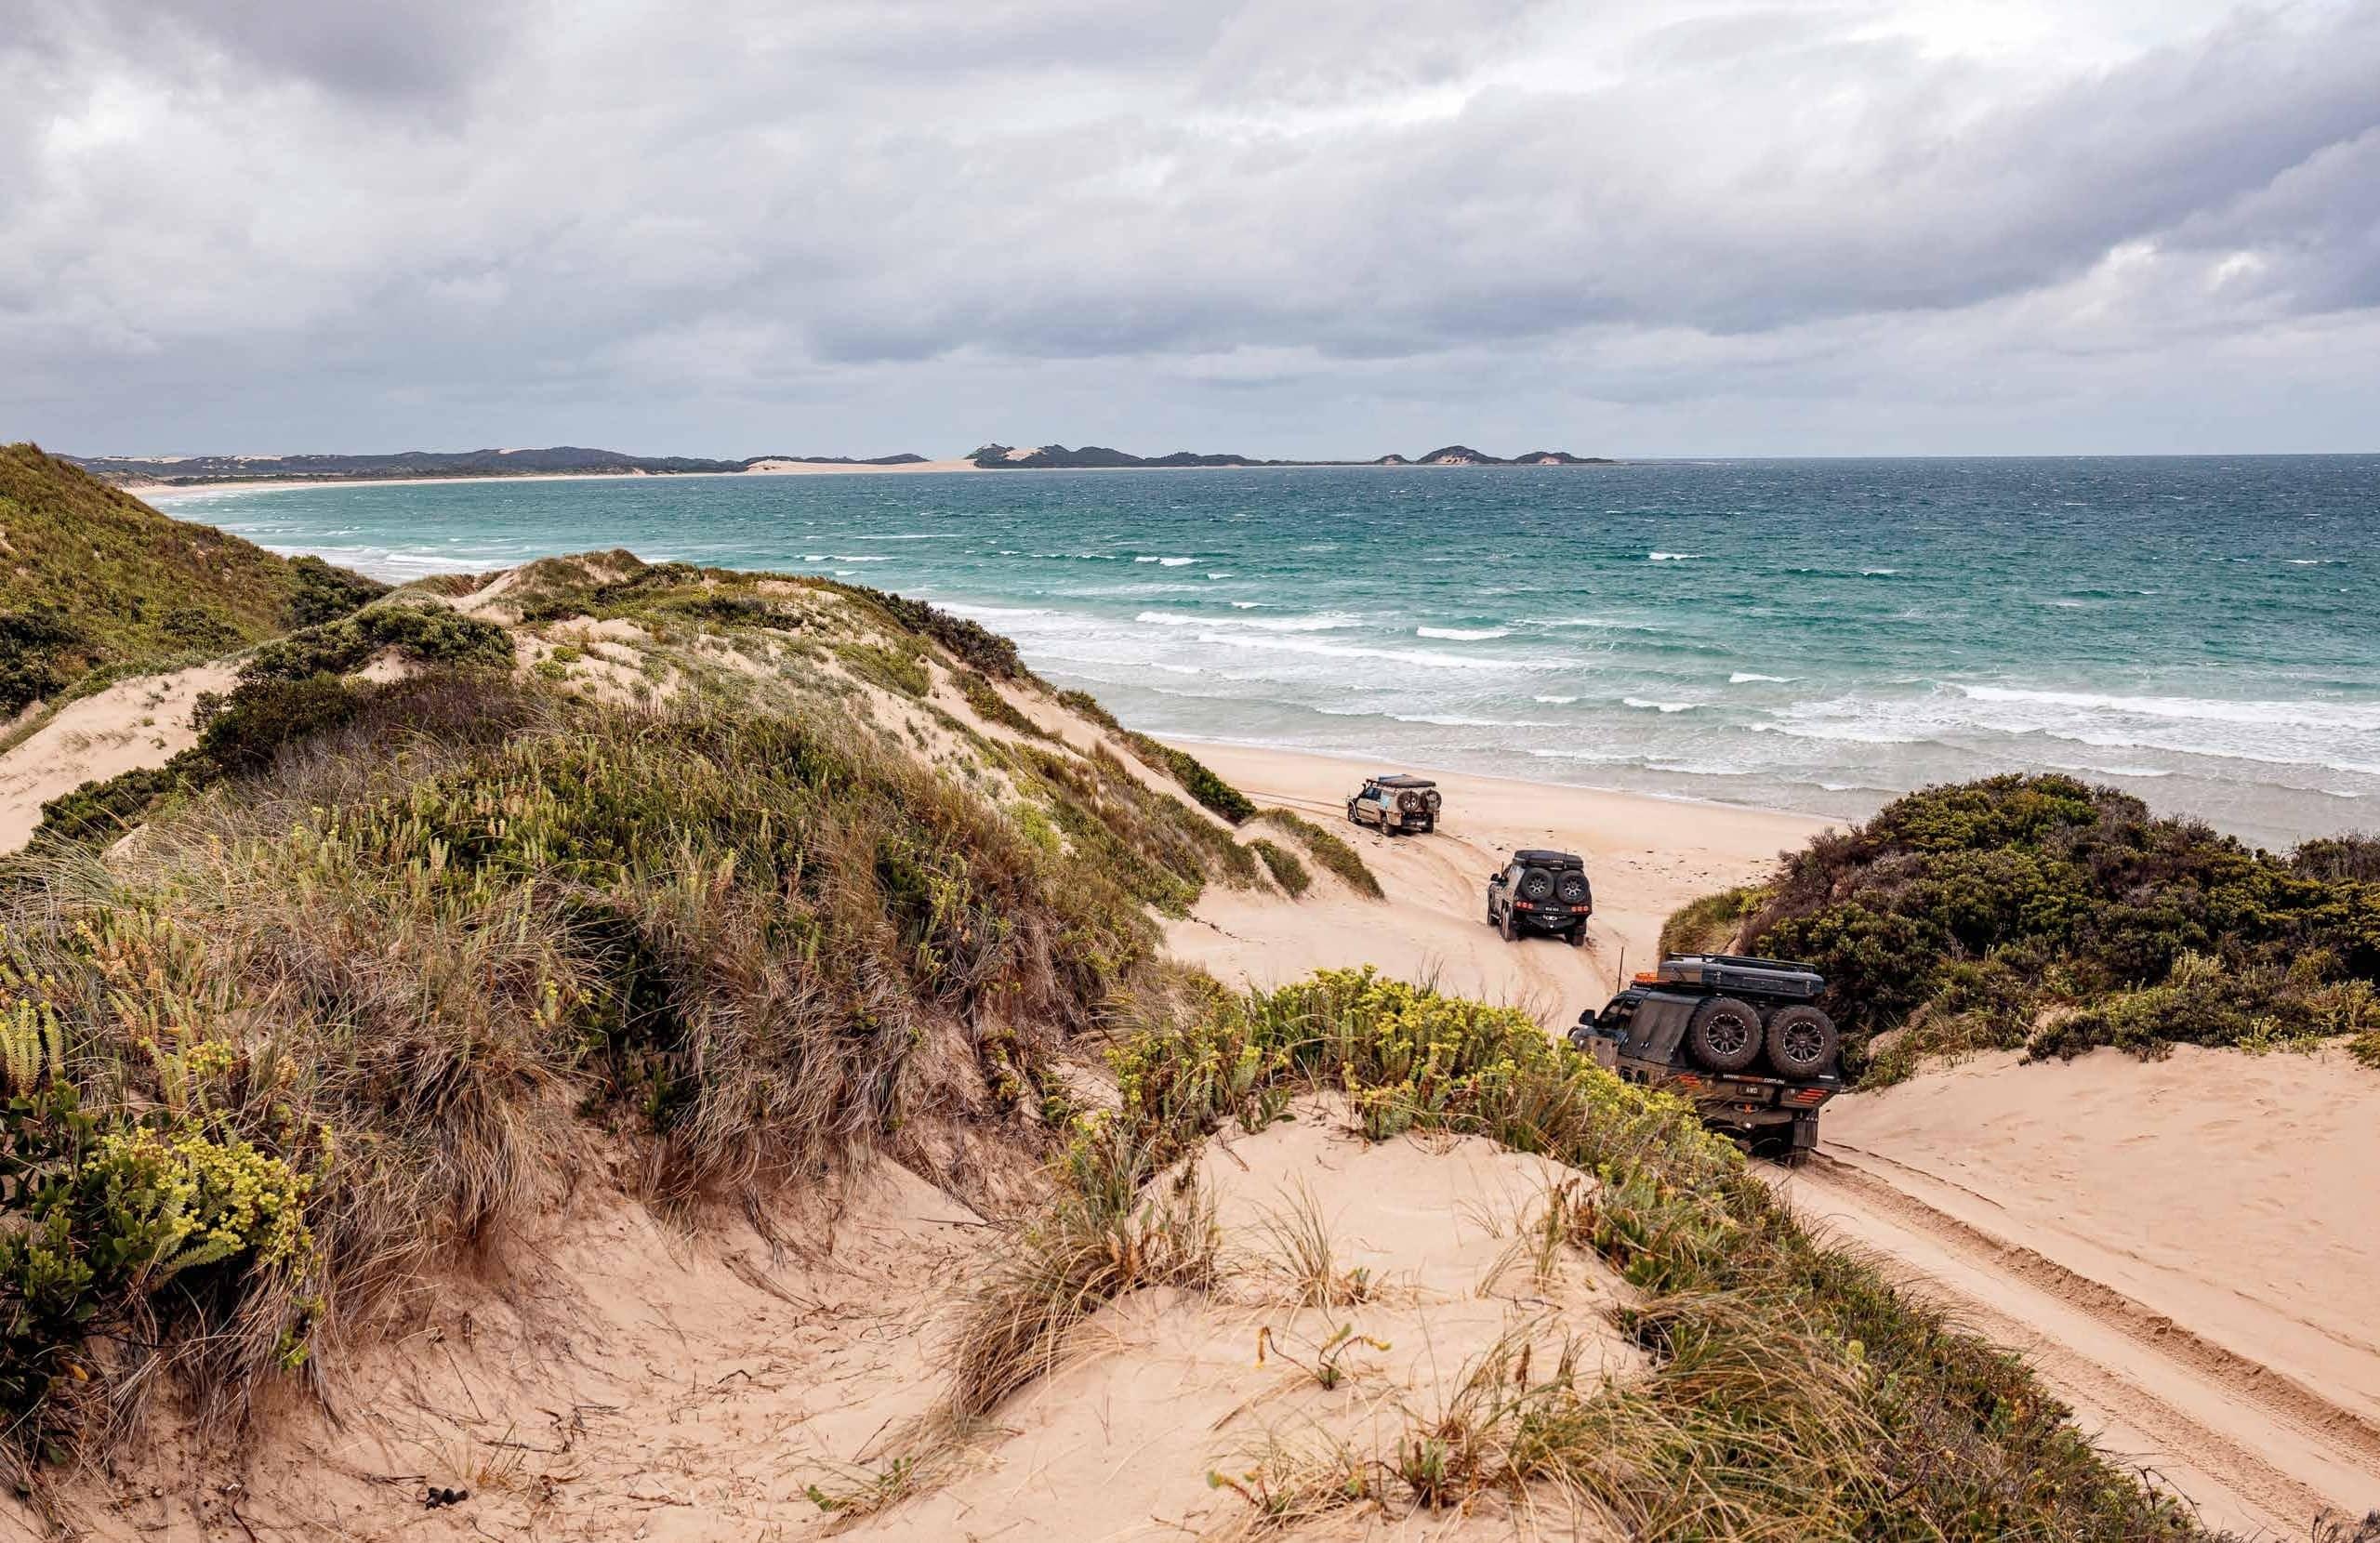 Beaches And Rugged Cliffs